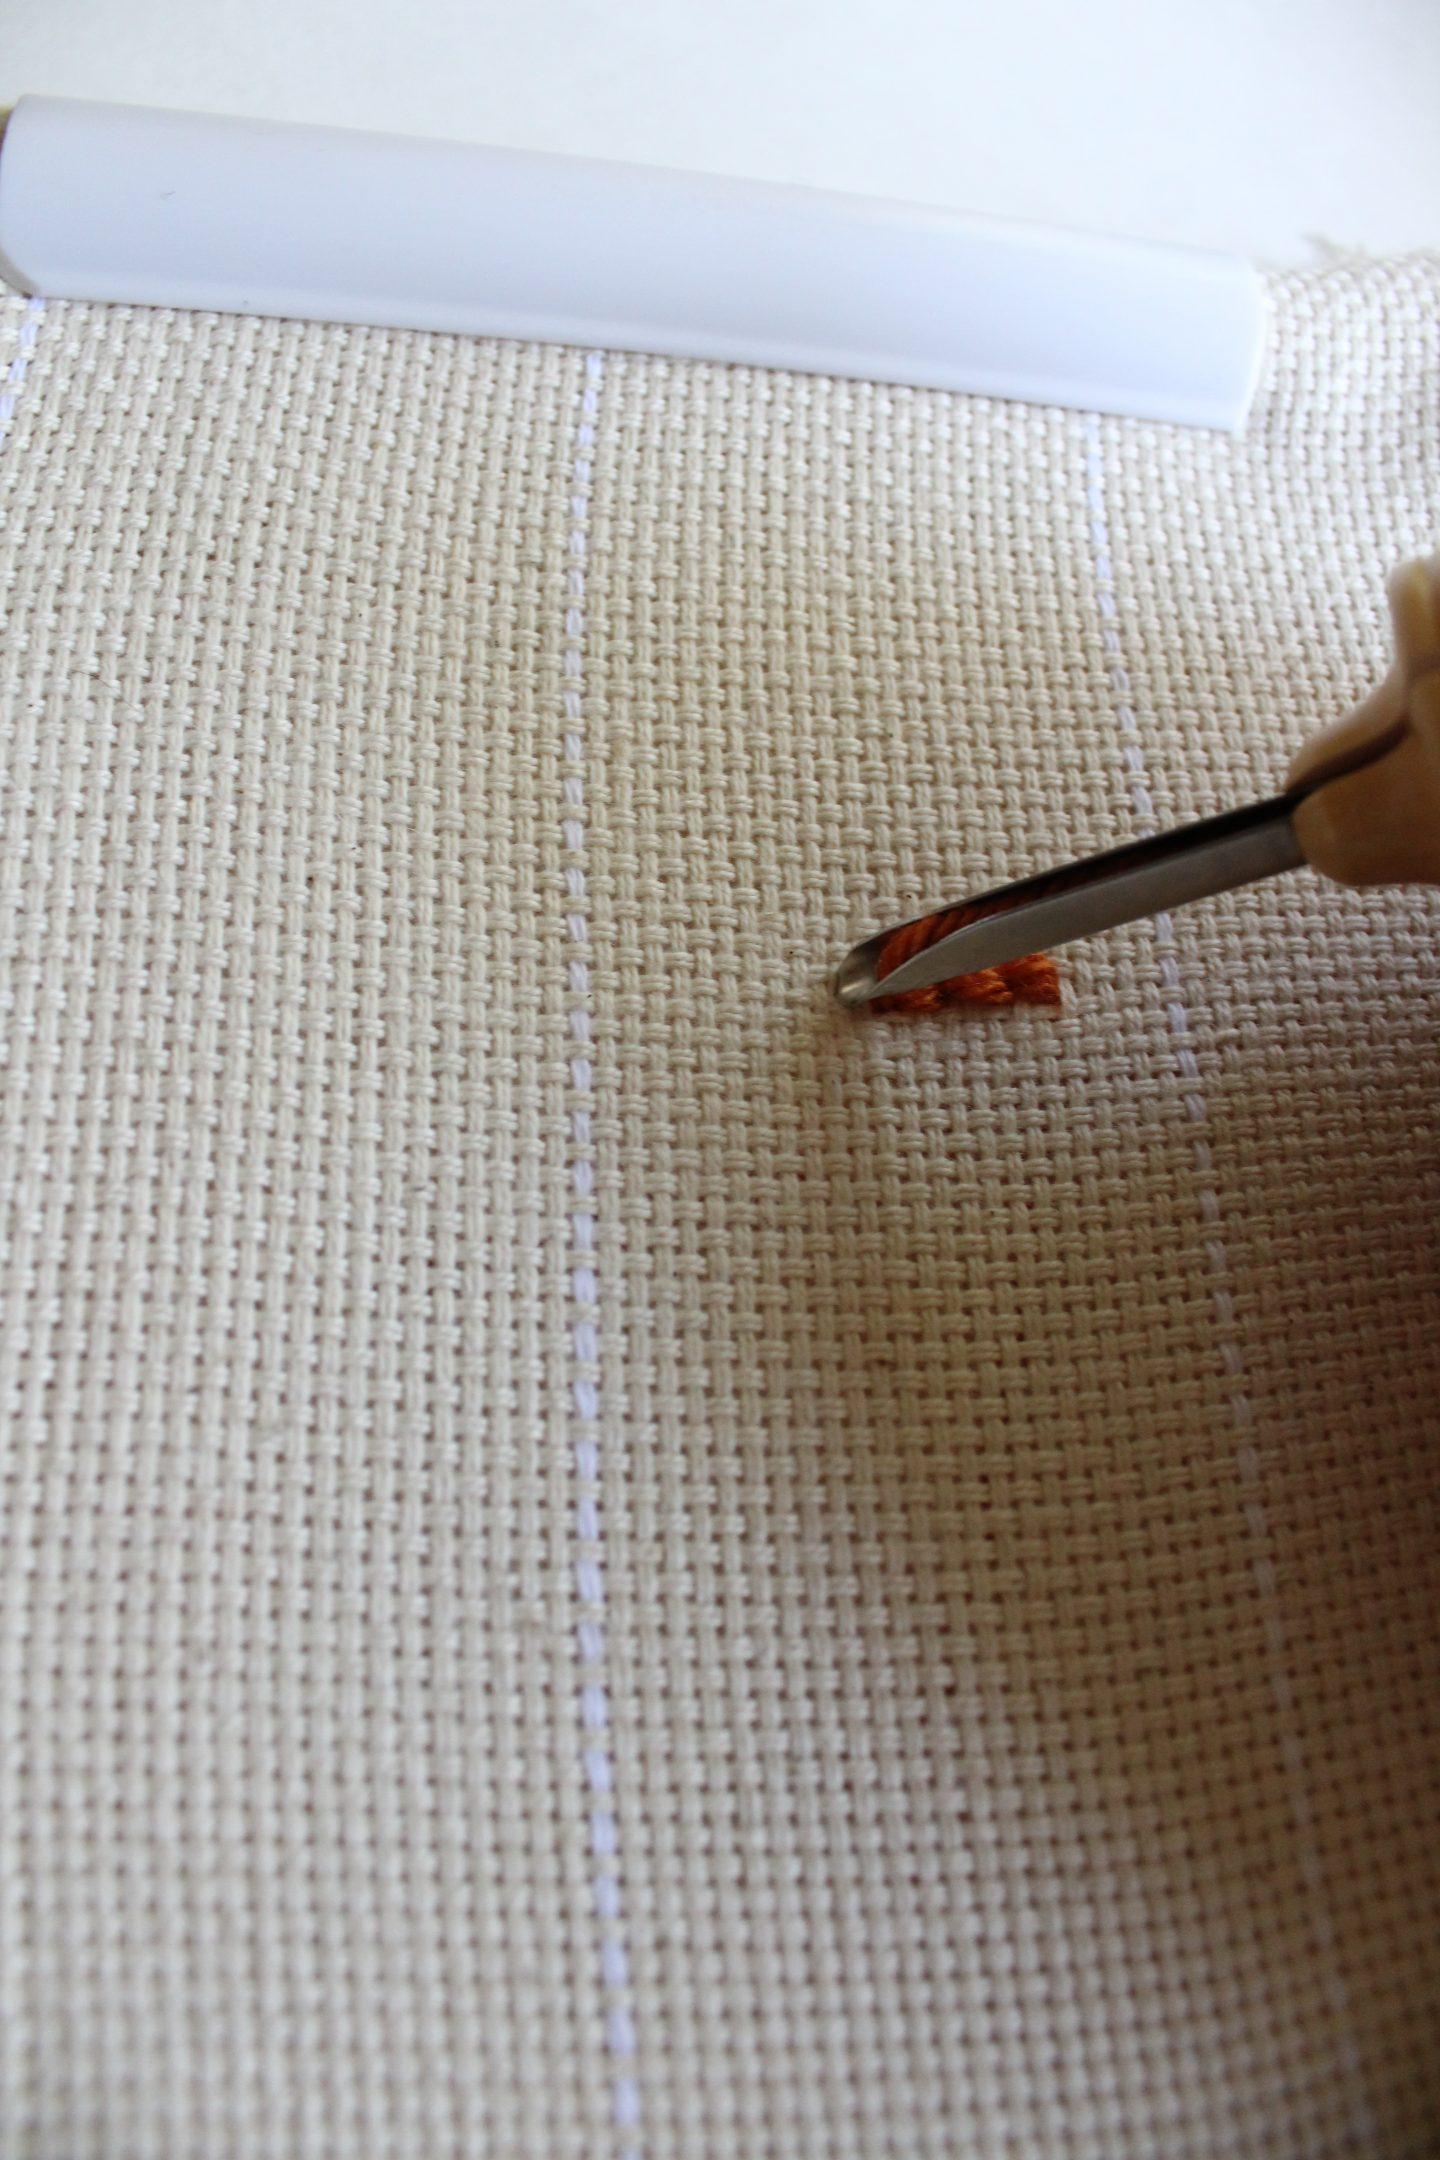 starting punch needle stitch